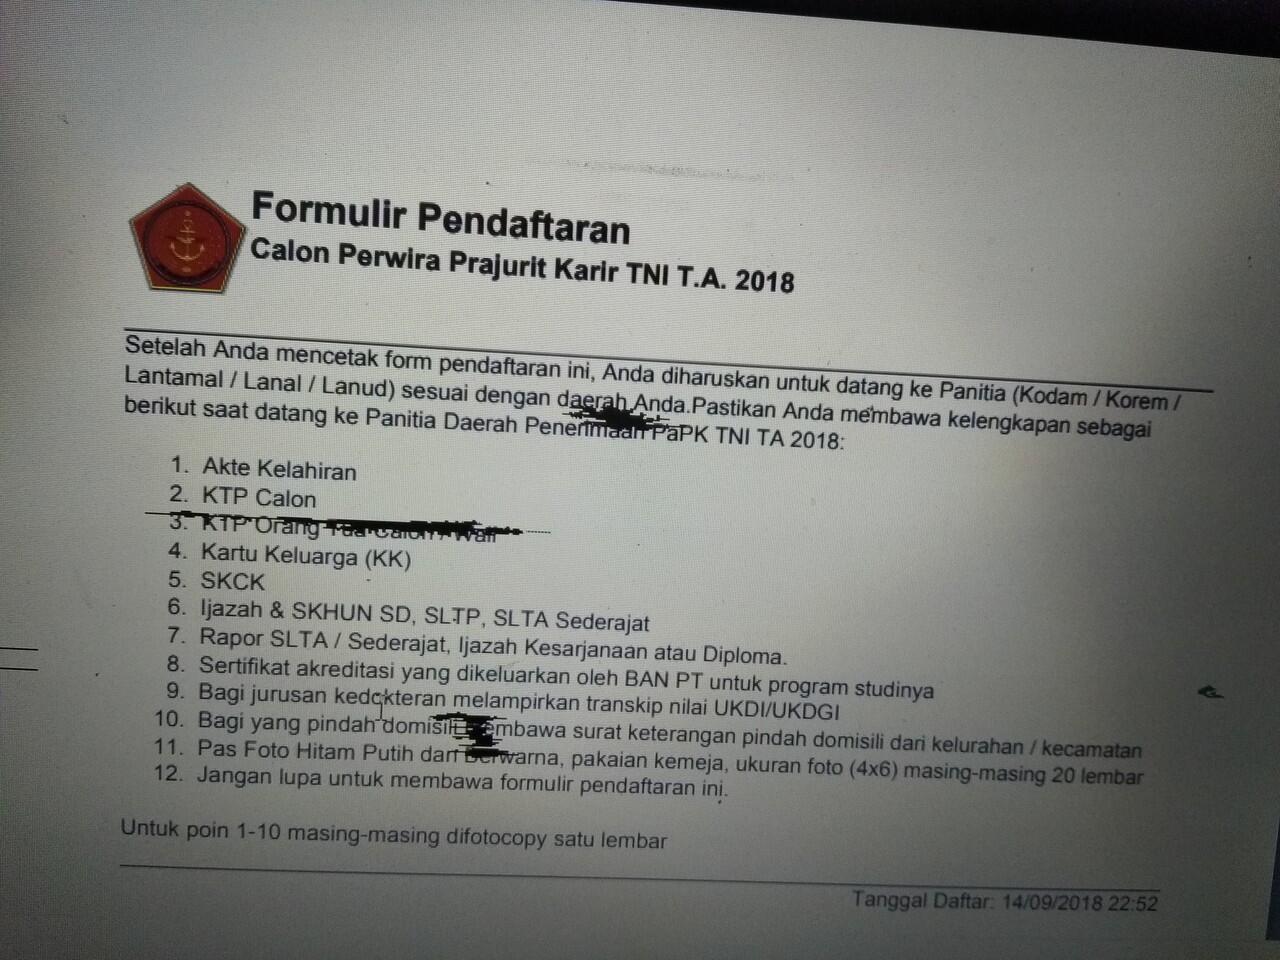 Contoh Surat Lamaran Menjadi Prajurit Tni Ad - Kumpulan ...